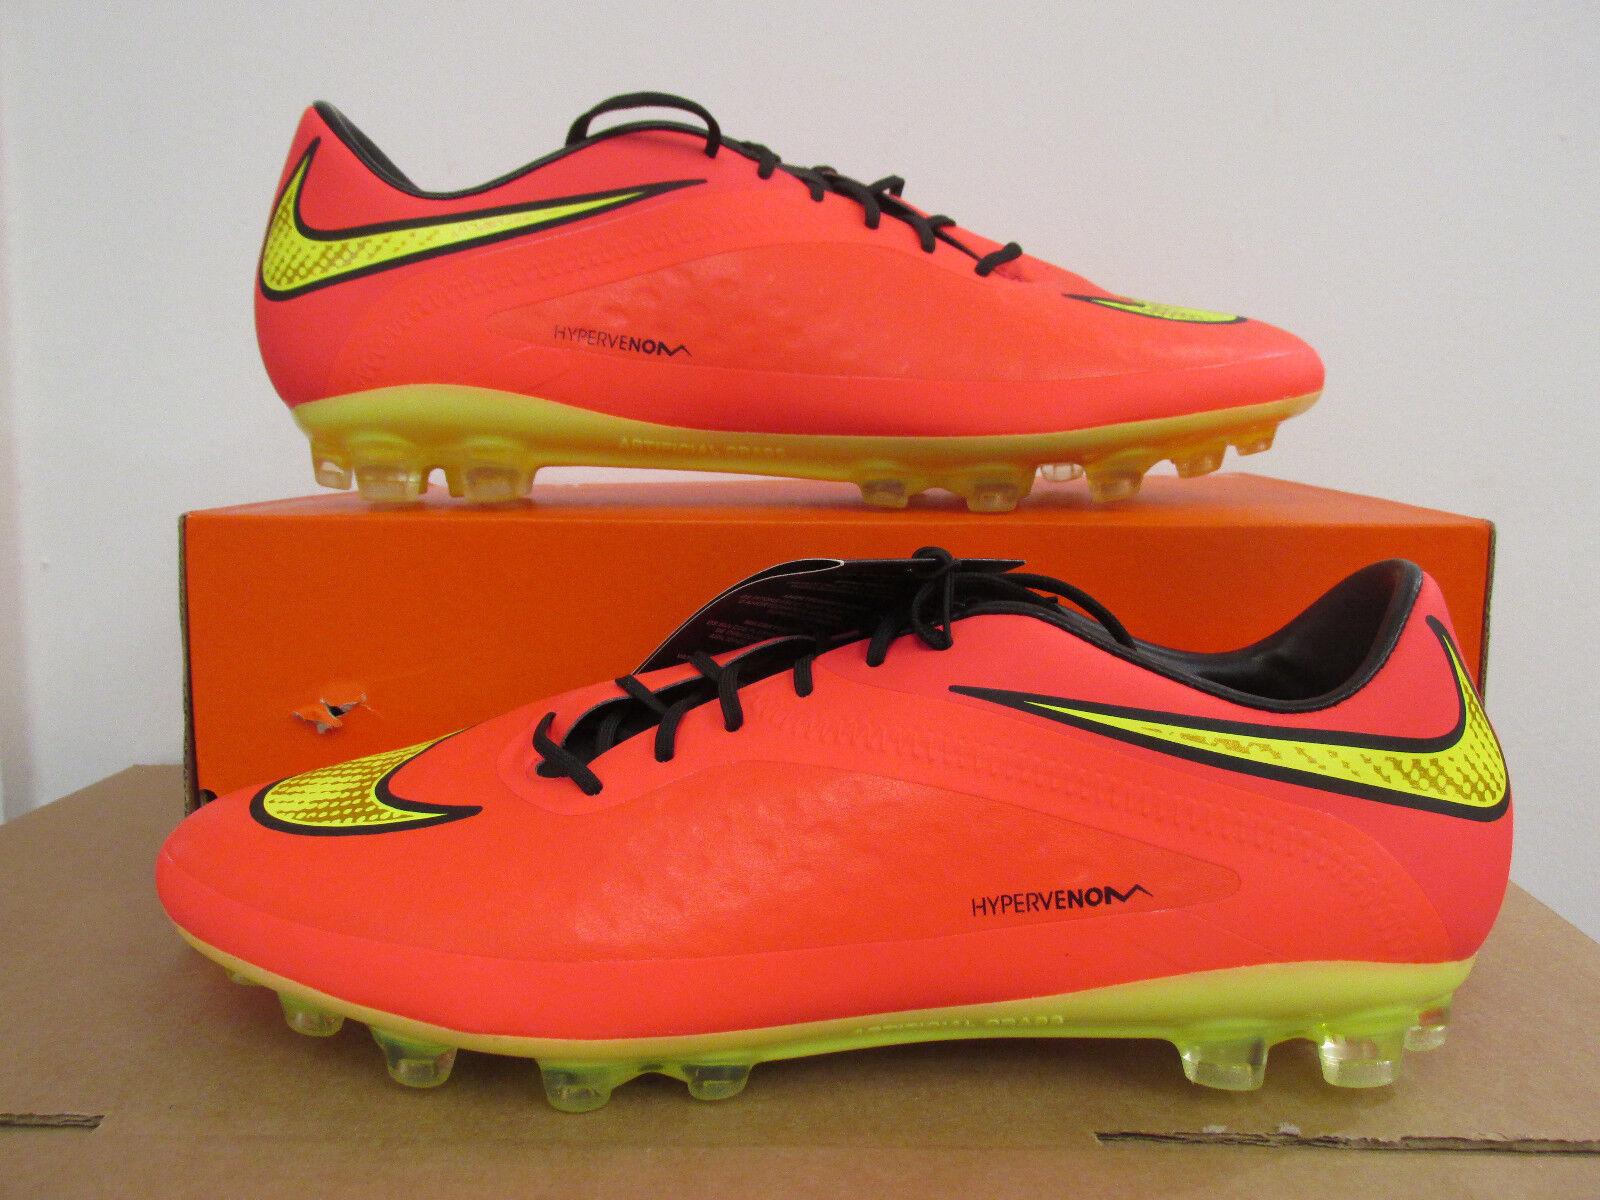 Nike hypervenom phatal ag bei künstliche fußball - 599727 690 künstliche bei clearance fa5736